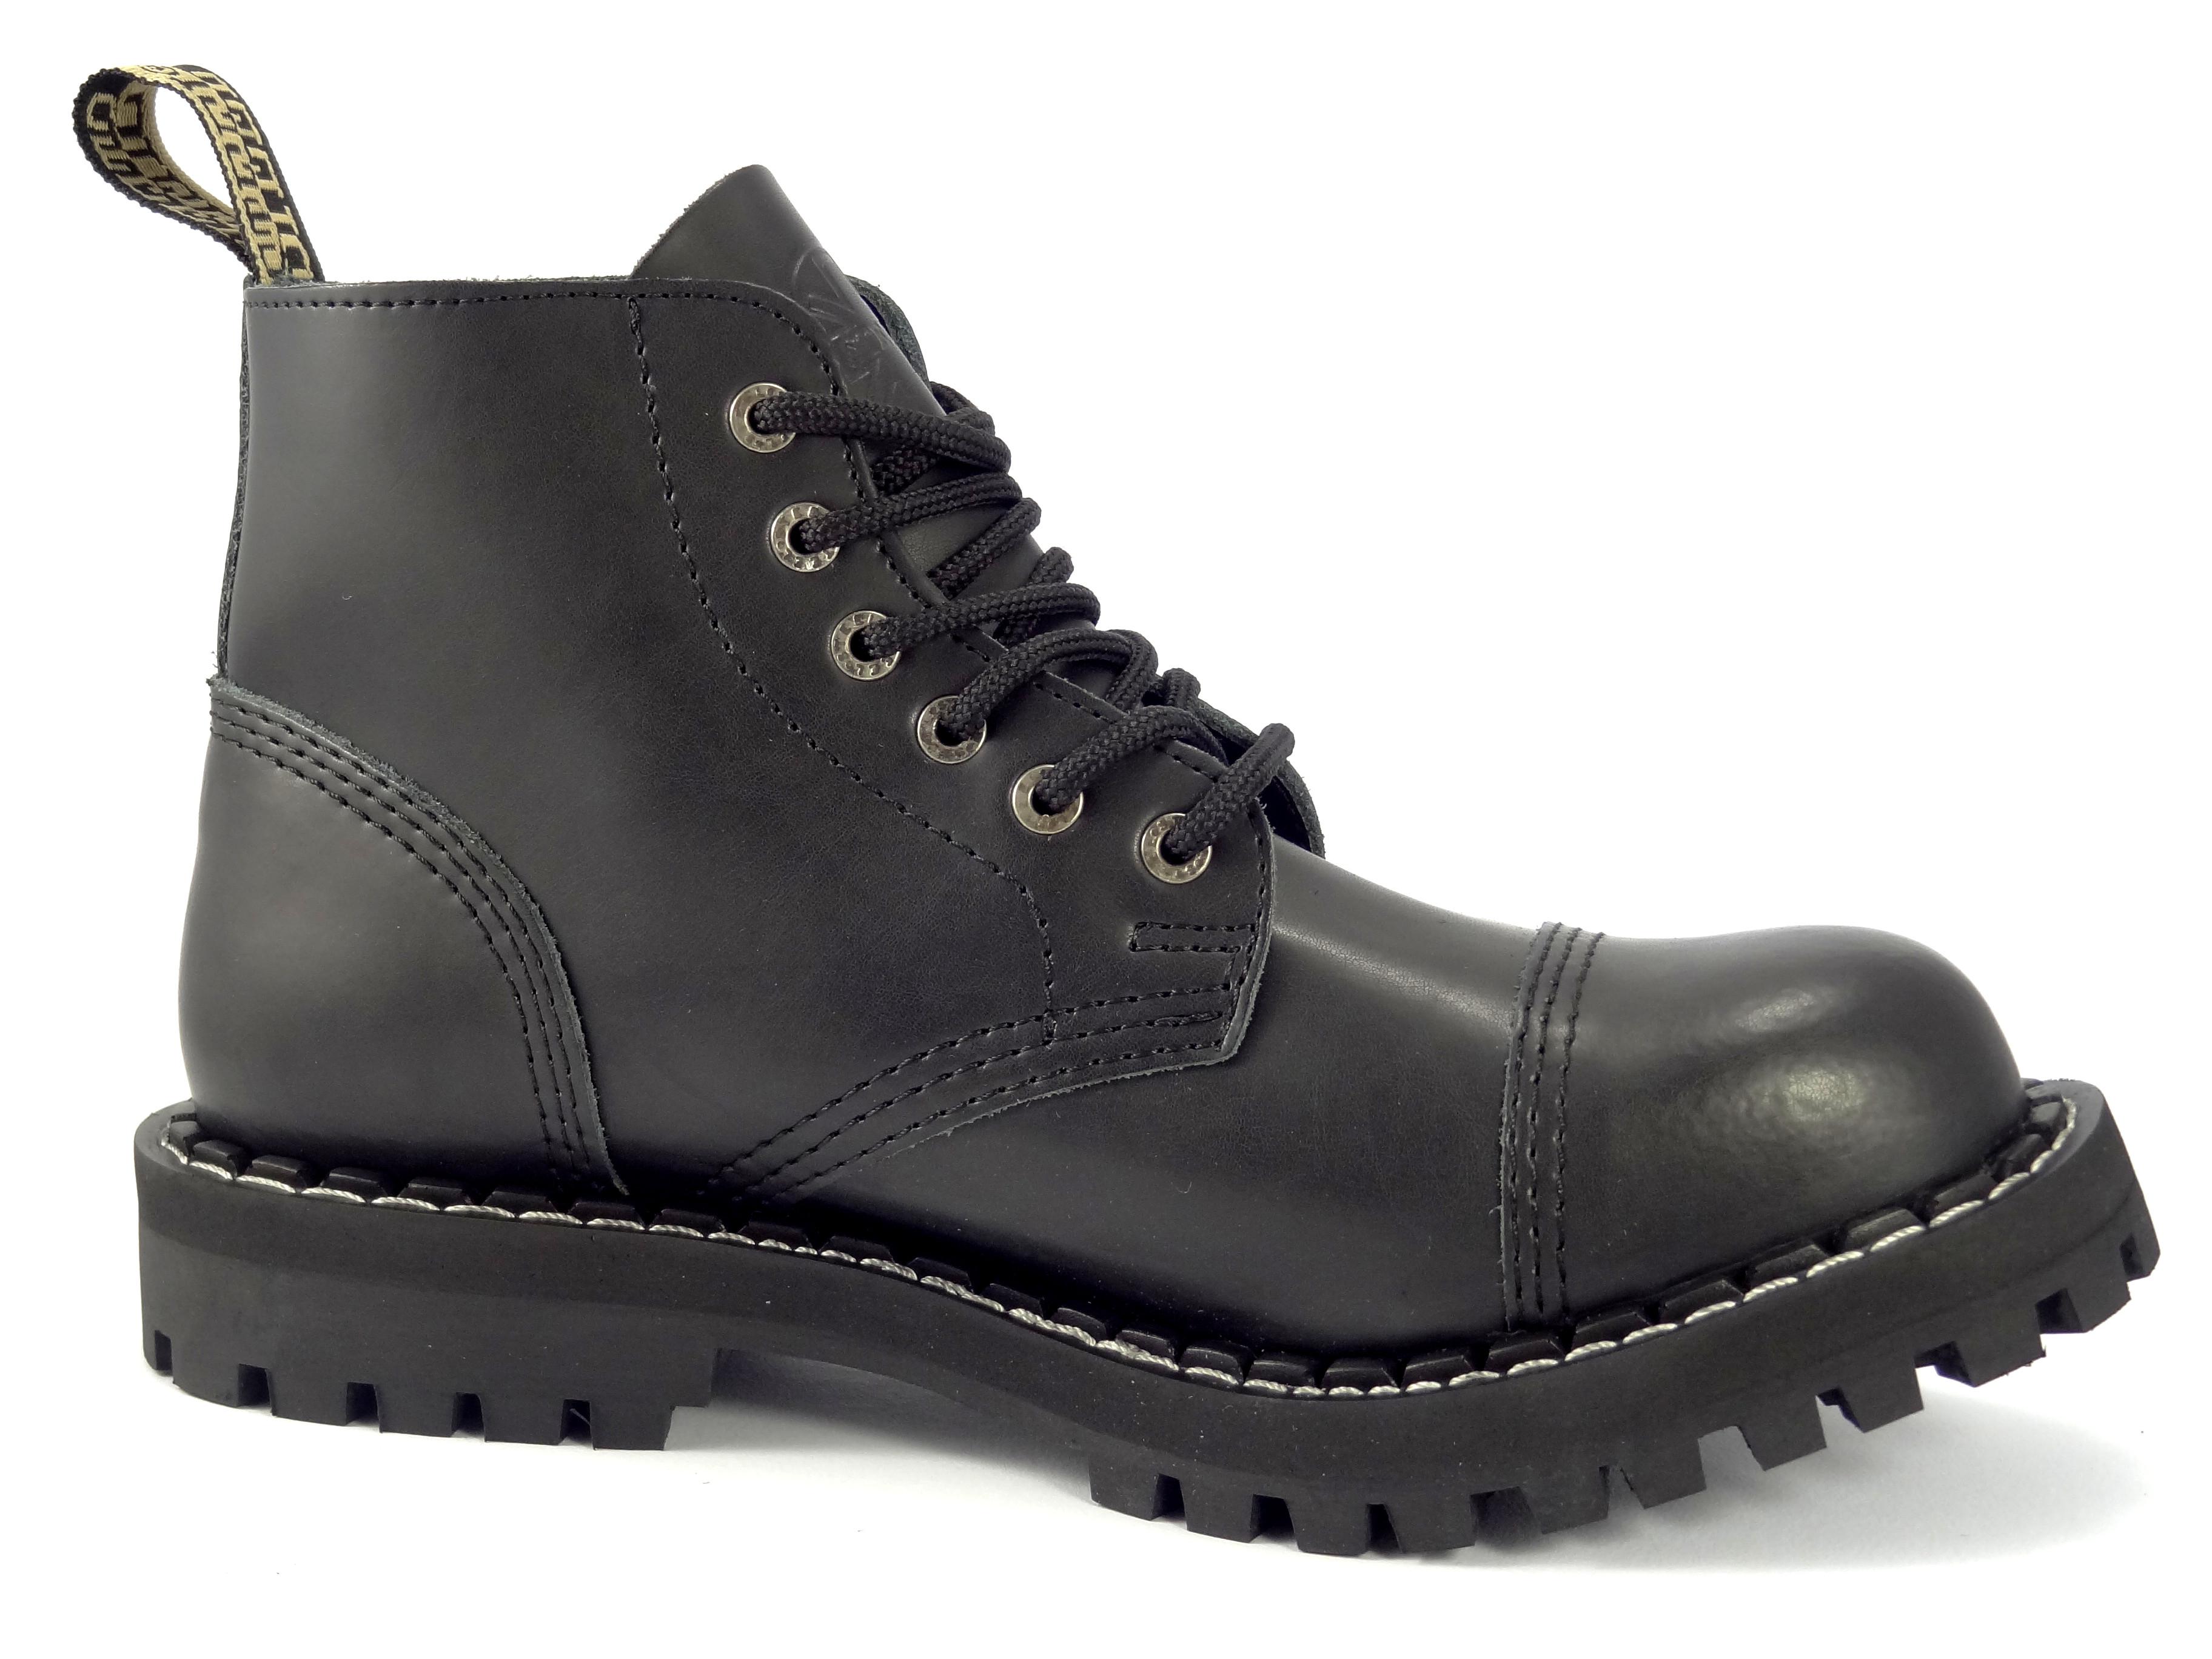 5e21f67f030 Kompletní specifikace · Doplňkový sortiment. Steel boty 6 dírkové černé